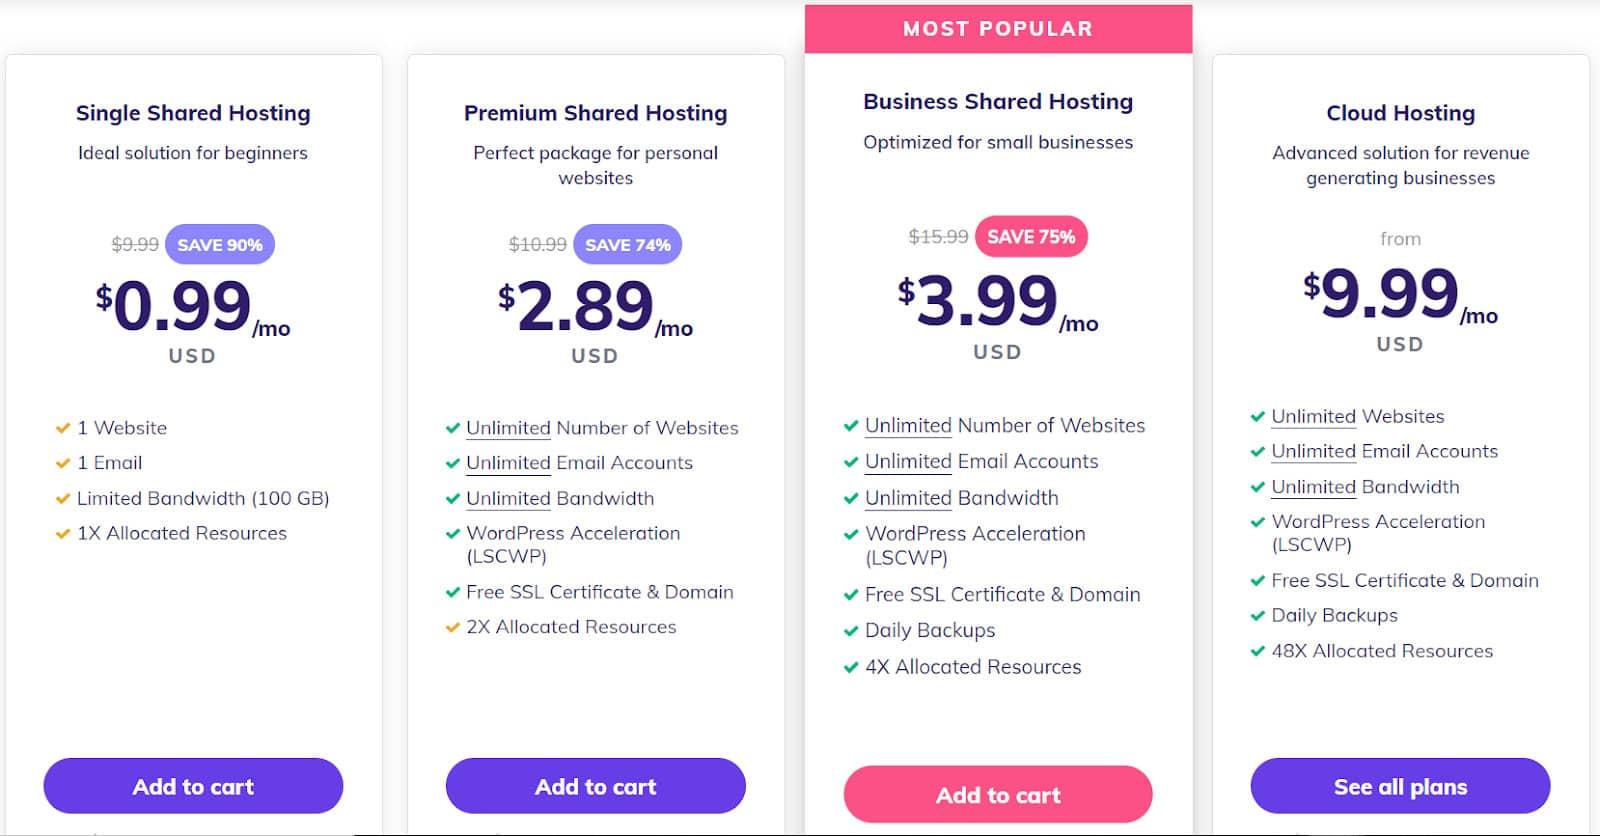 Hostinger pricing image